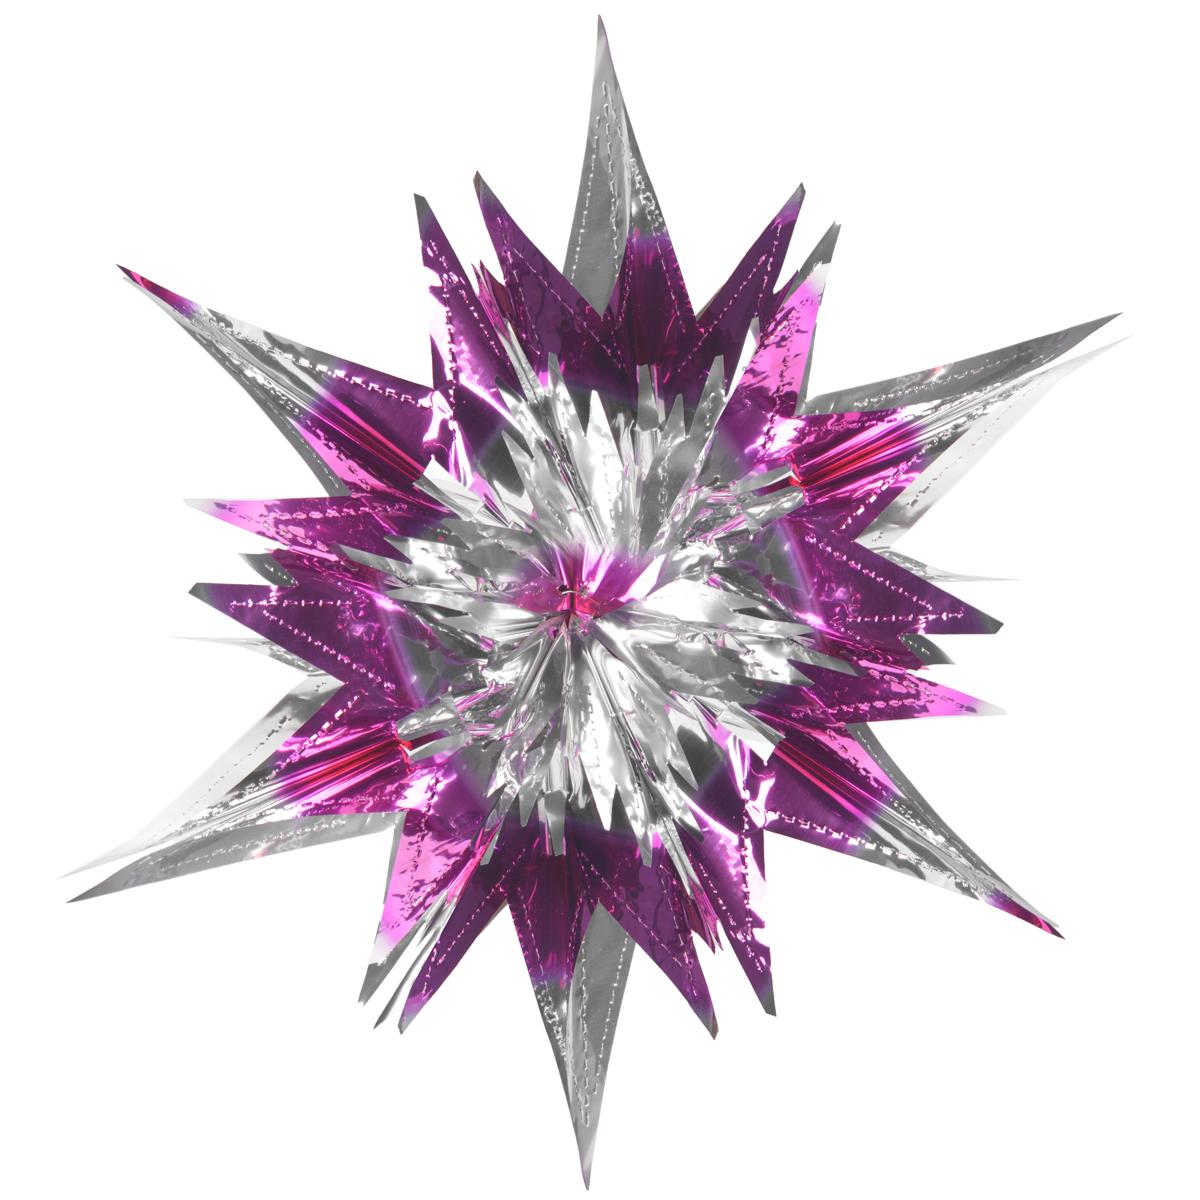 Новогоднее подвесное украшение Звезда, цвет: серебристый, сиреневый. 2700927009Новогоднее украшение Звезда отлично подойдет для декорации вашего дома и новогодней ели. Украшение выполнено из ПВХ в форме многогранной многоцветной звезды. С помощью специальной петельки звезду можно повесить в любом понравившемся вам месте. Украшение легко складывается и раскладывается благодаря металлическим кольцам. Новогодние украшения несут в себе волшебство и красоту праздника. Они помогут вам украсить дом к предстоящим праздникам и оживить интерьер по вашему вкусу. Создайте в доме атмосферу тепла, веселья и радости, украшая его всей семьей. Коллекция декоративных украшений из серии Magic Time принесет в ваш дом ни с чем не сравнимое ощущение волшебства! Размер украшения (в сложенном виде): 25 см х 21,5 см.